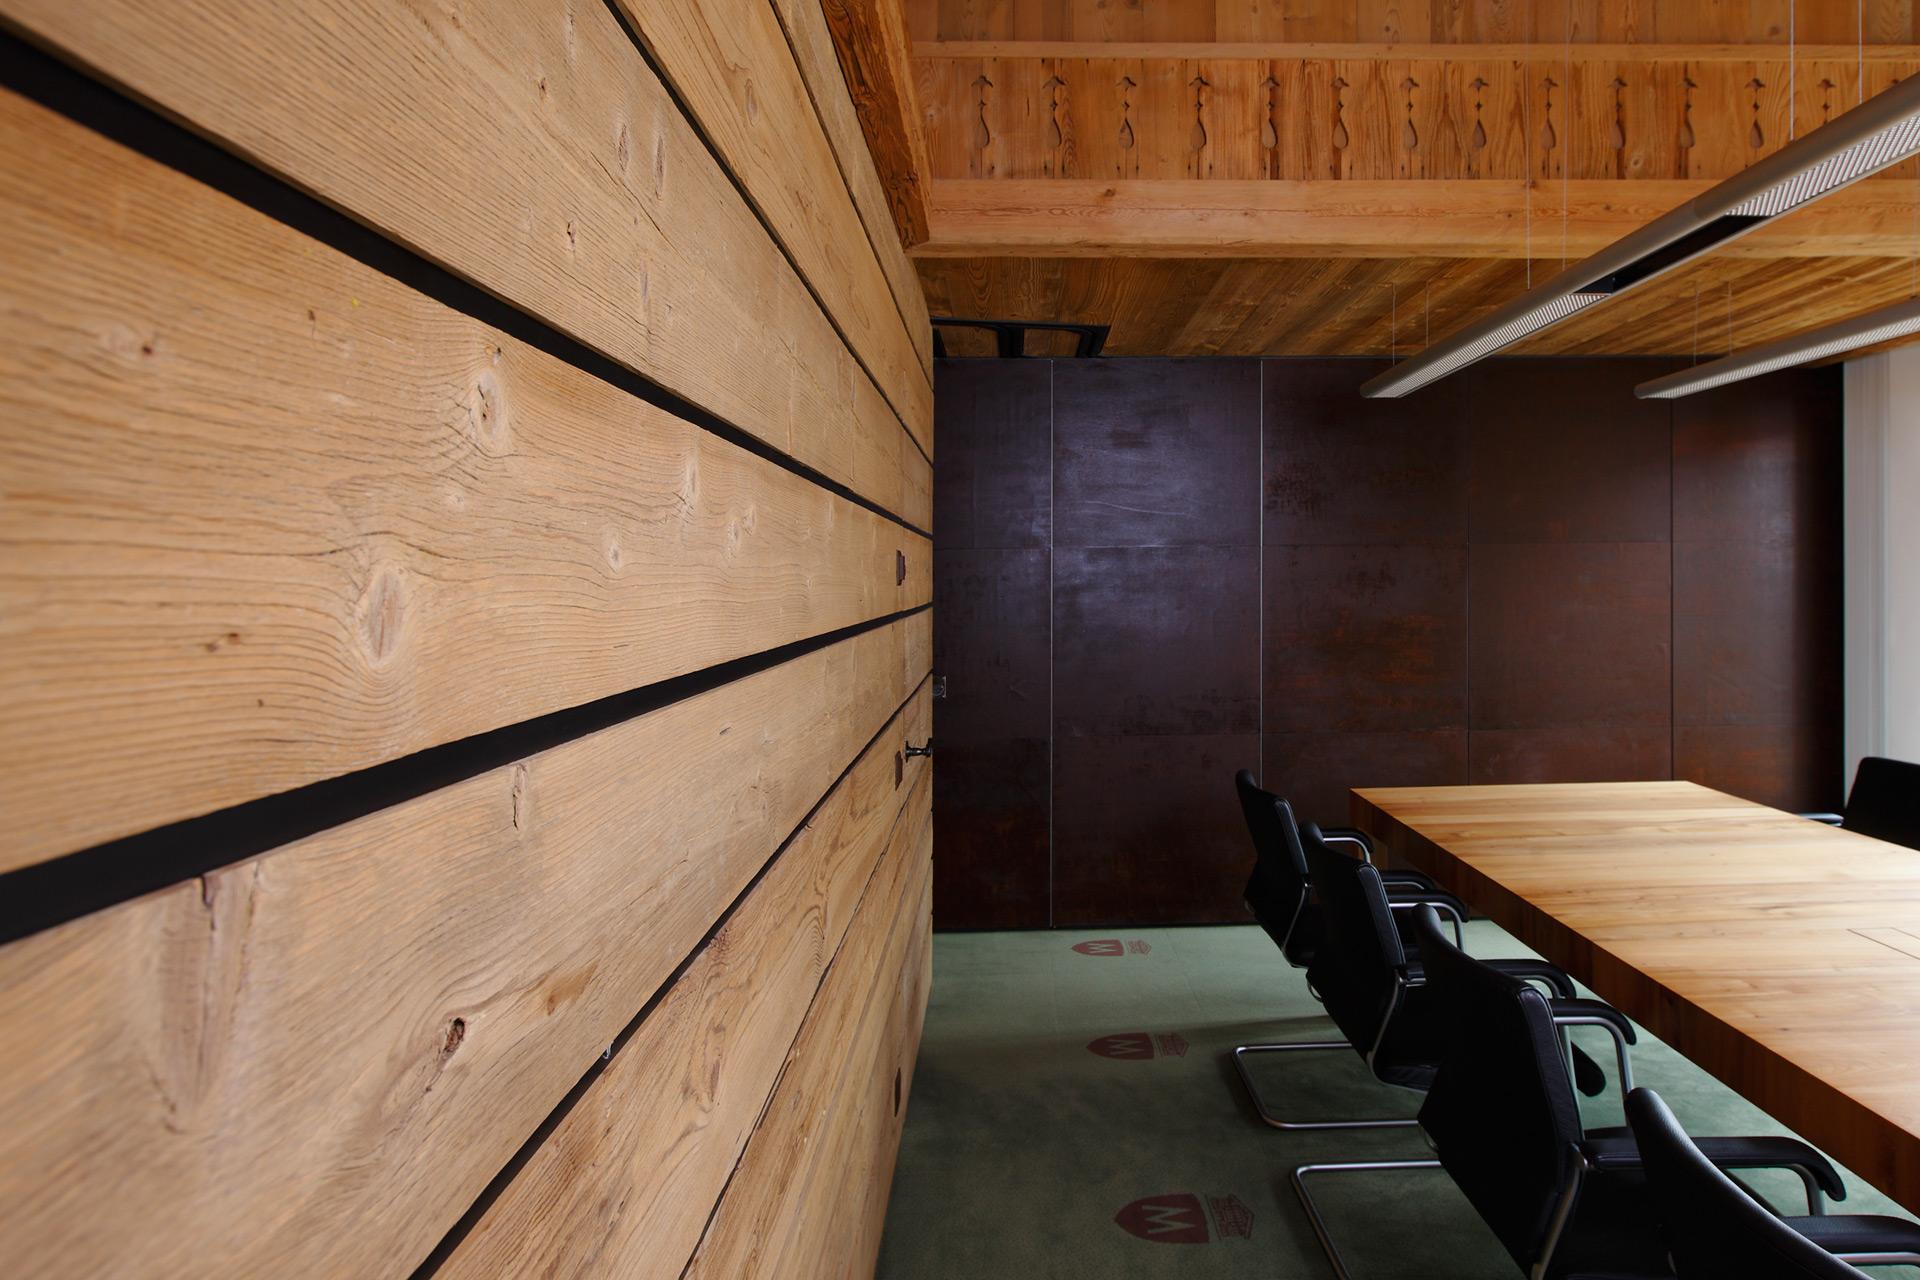 Wide plank oak flooring interior design for home remodeling modern